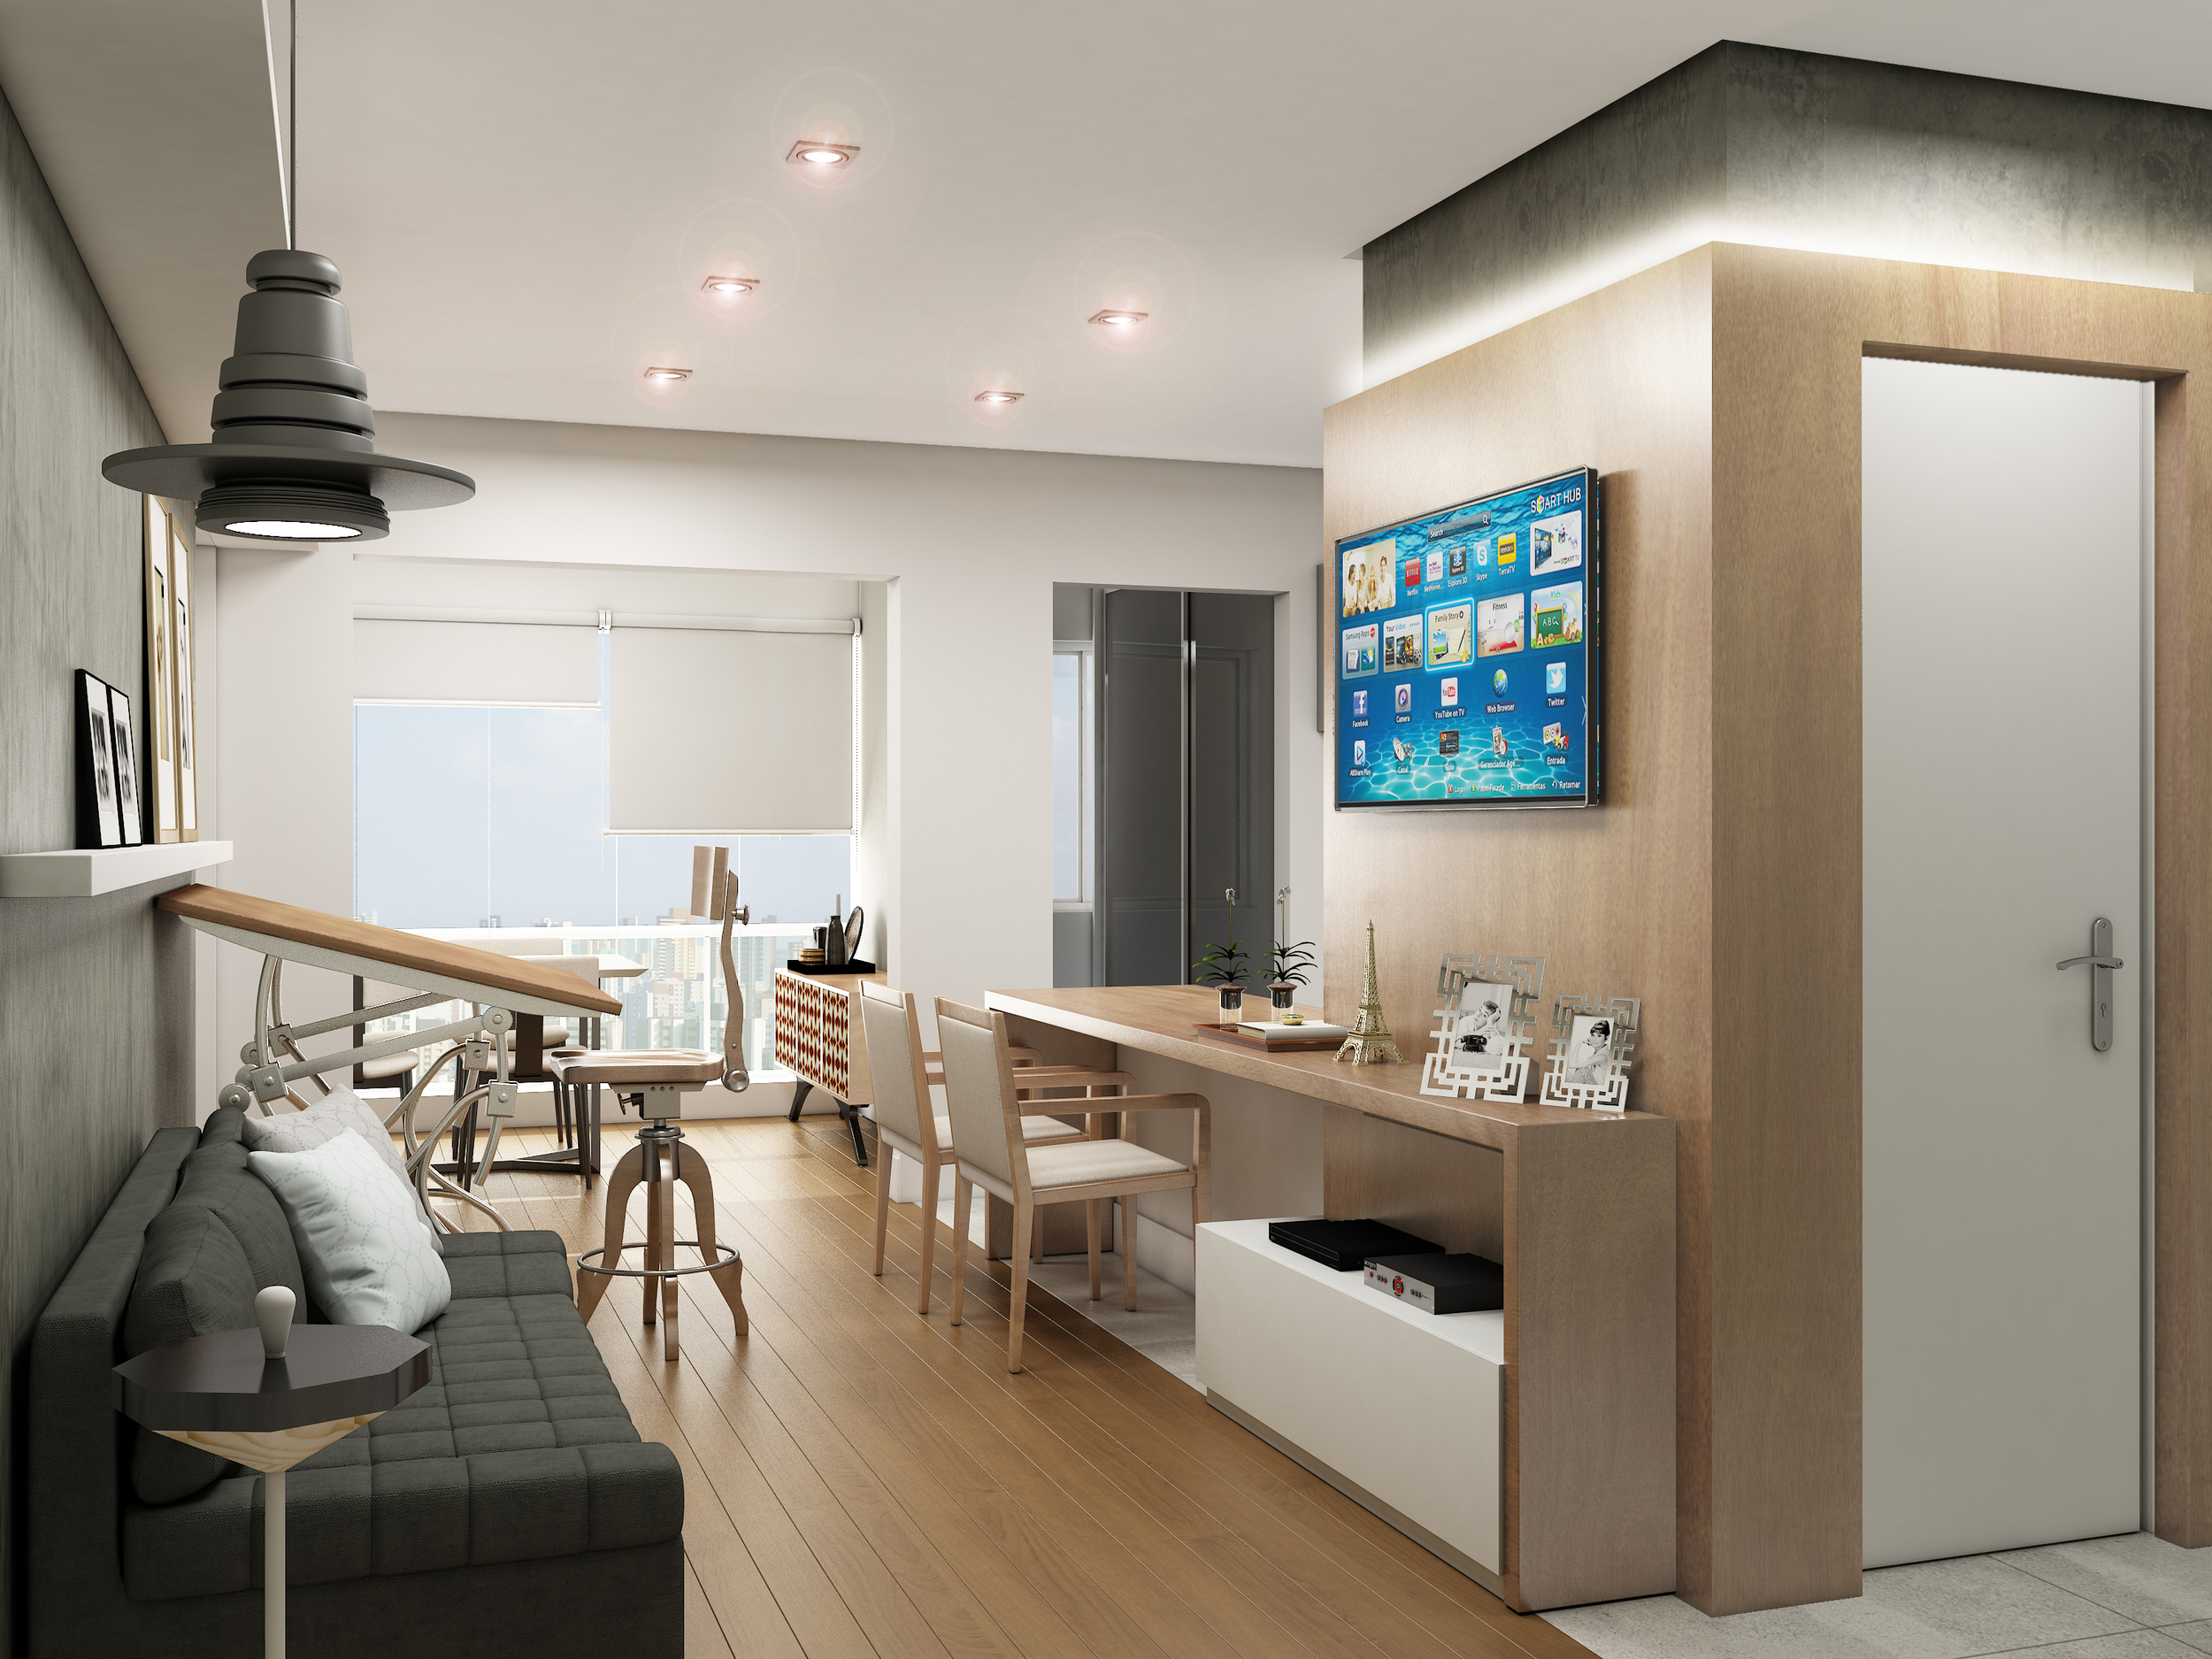 Sala integrada à Cozinha  Apto Major Quedinho - Bela Vista - São Paulo / SP - 47 m2  Projeto: Madi Arquitetura & Design  Imagem: Érica Alfieri